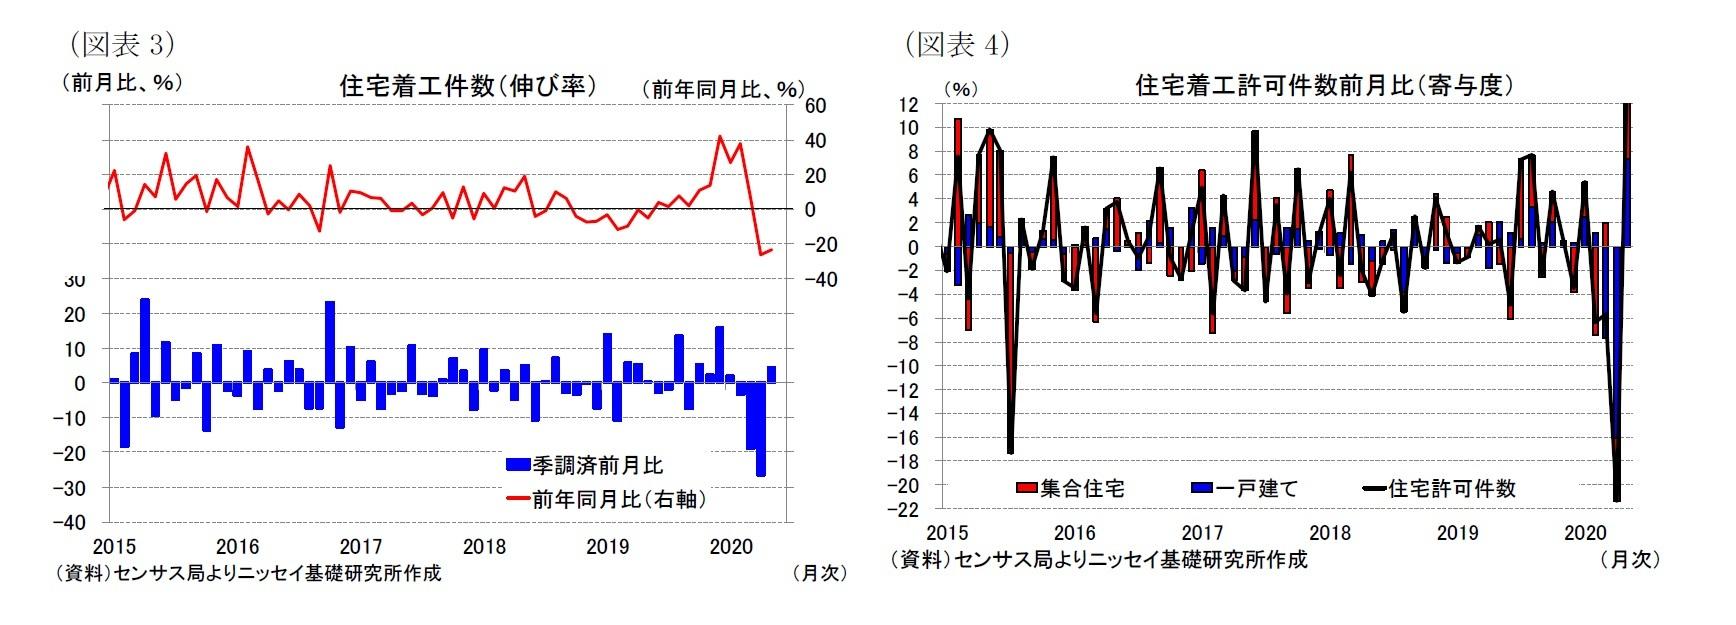 (図表3)住宅着工件数(伸び率)/(図表4)住宅着工許可件数前月比(寄与度)